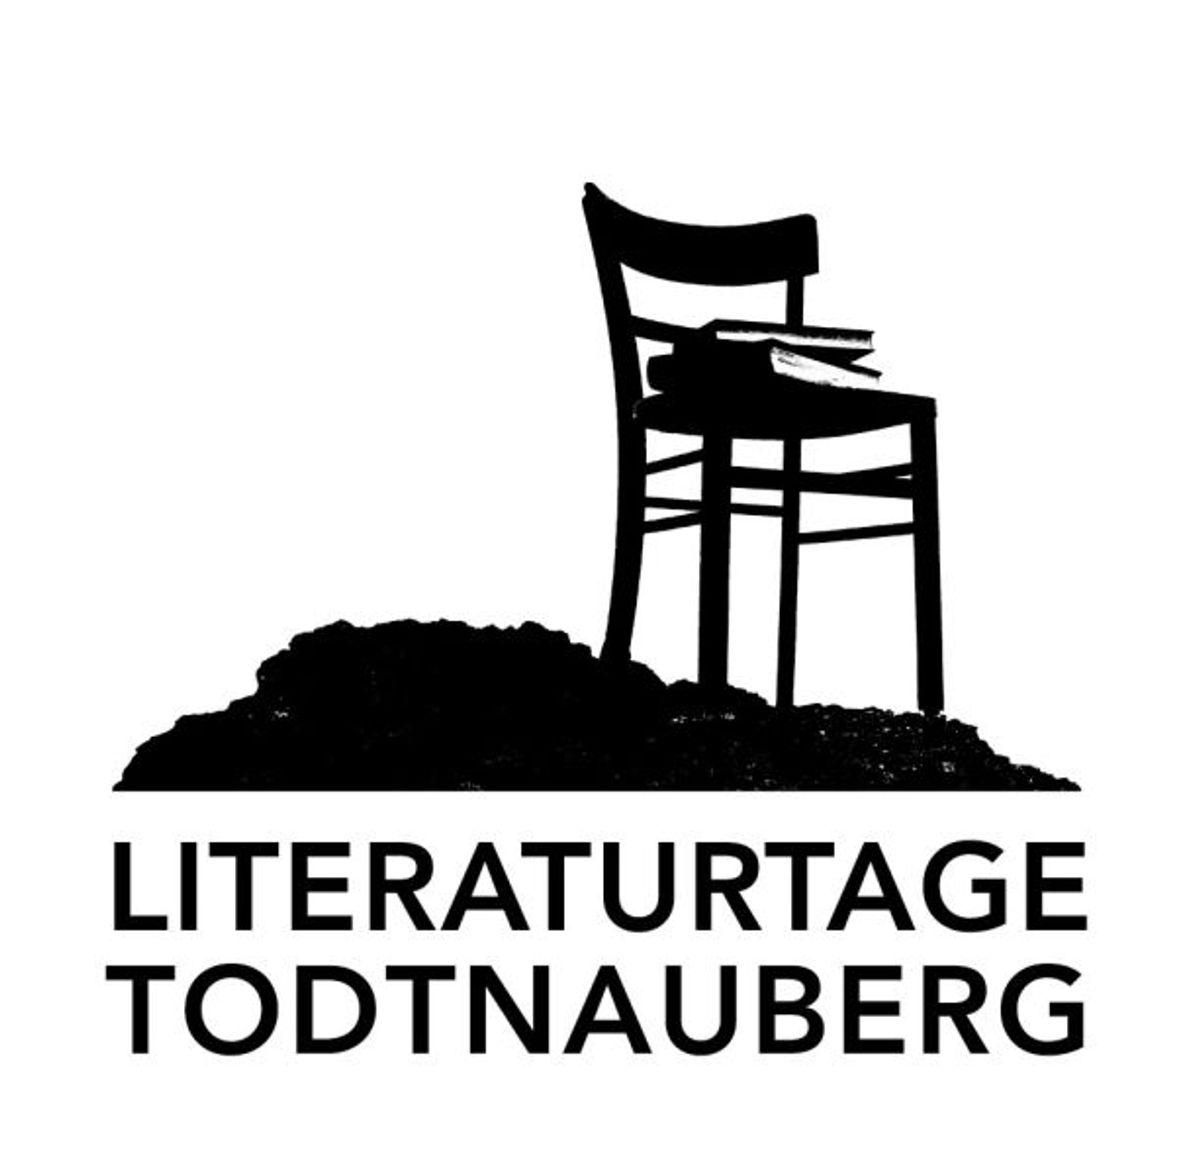 Literaturtage 2019